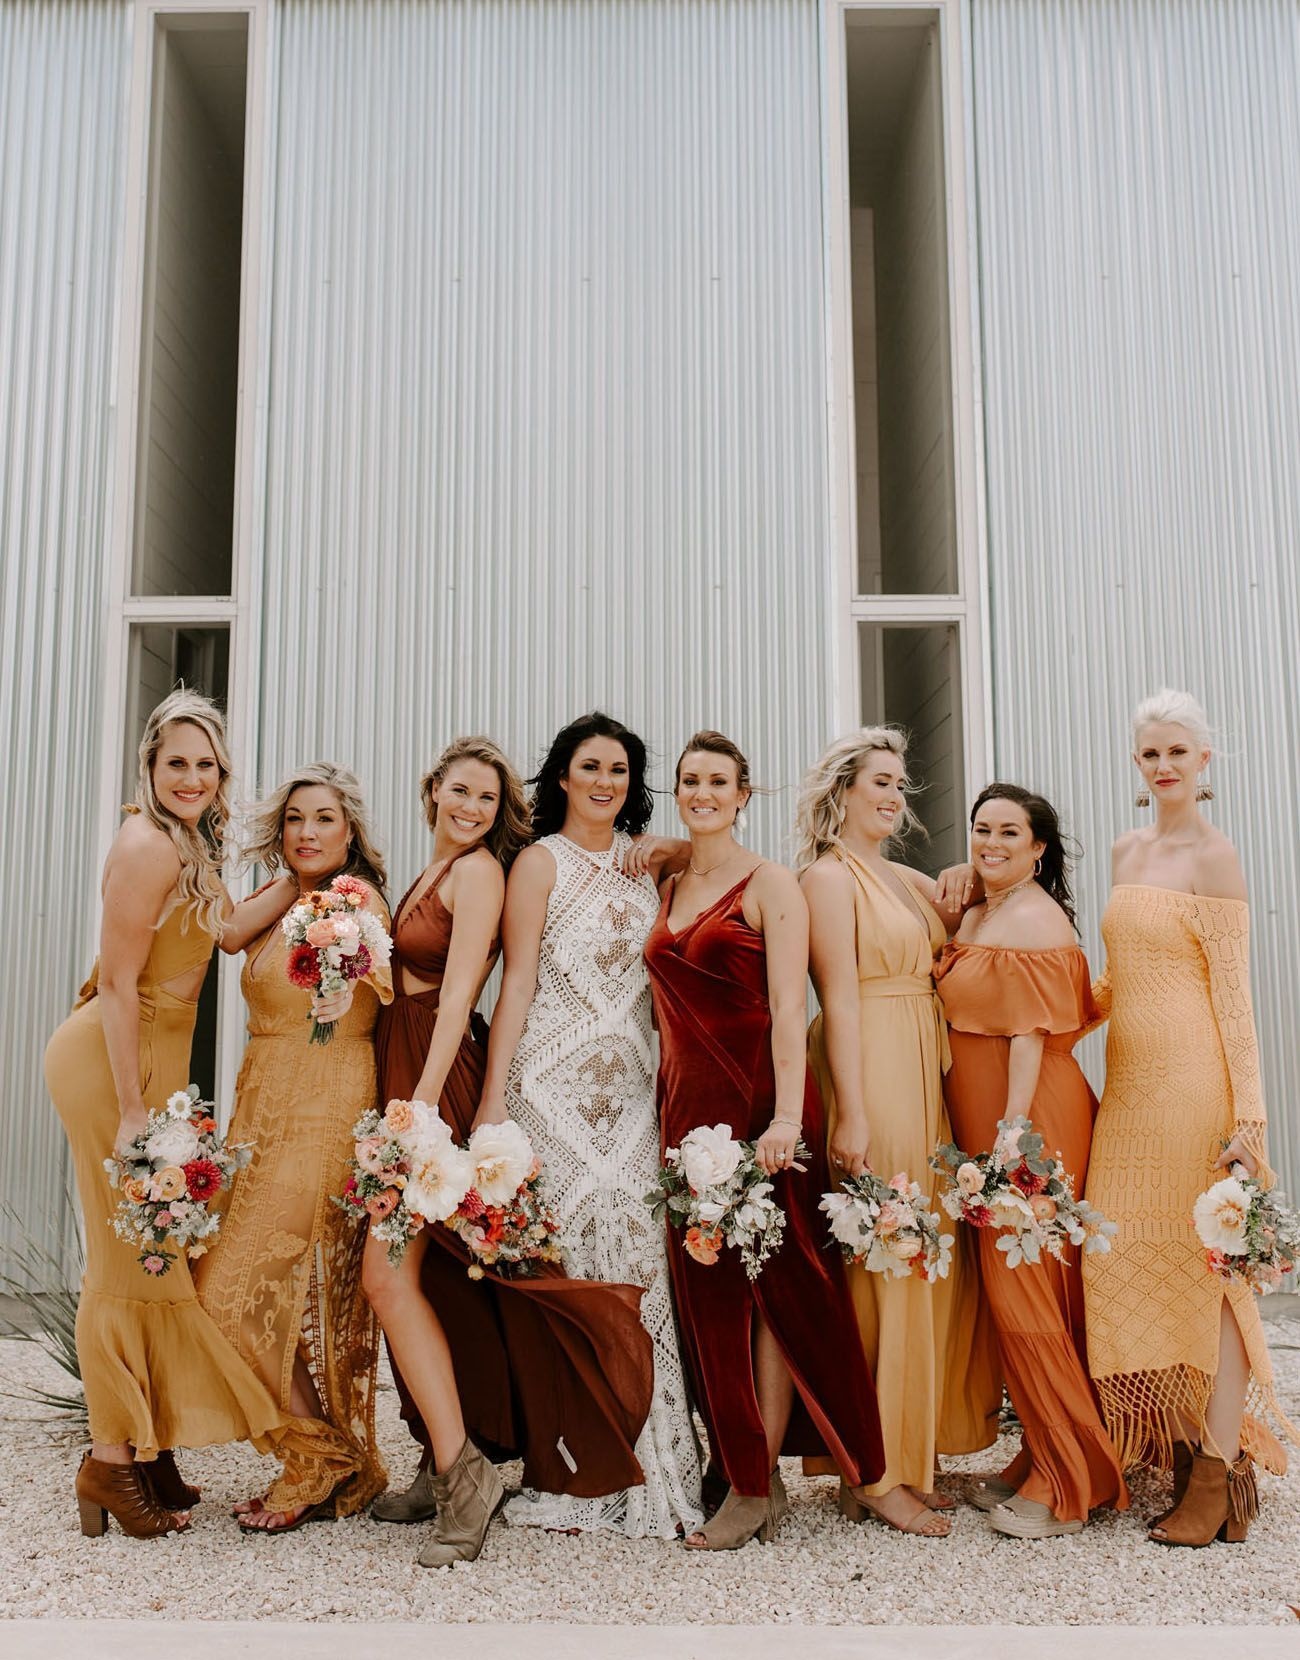 Mustard Bridesmaids Dresses Orange Bridesmaid Dresses Rust Bridesmaid Dress Yellow Bridesmaid Dresses [ 1660 x 1300 Pixel ]